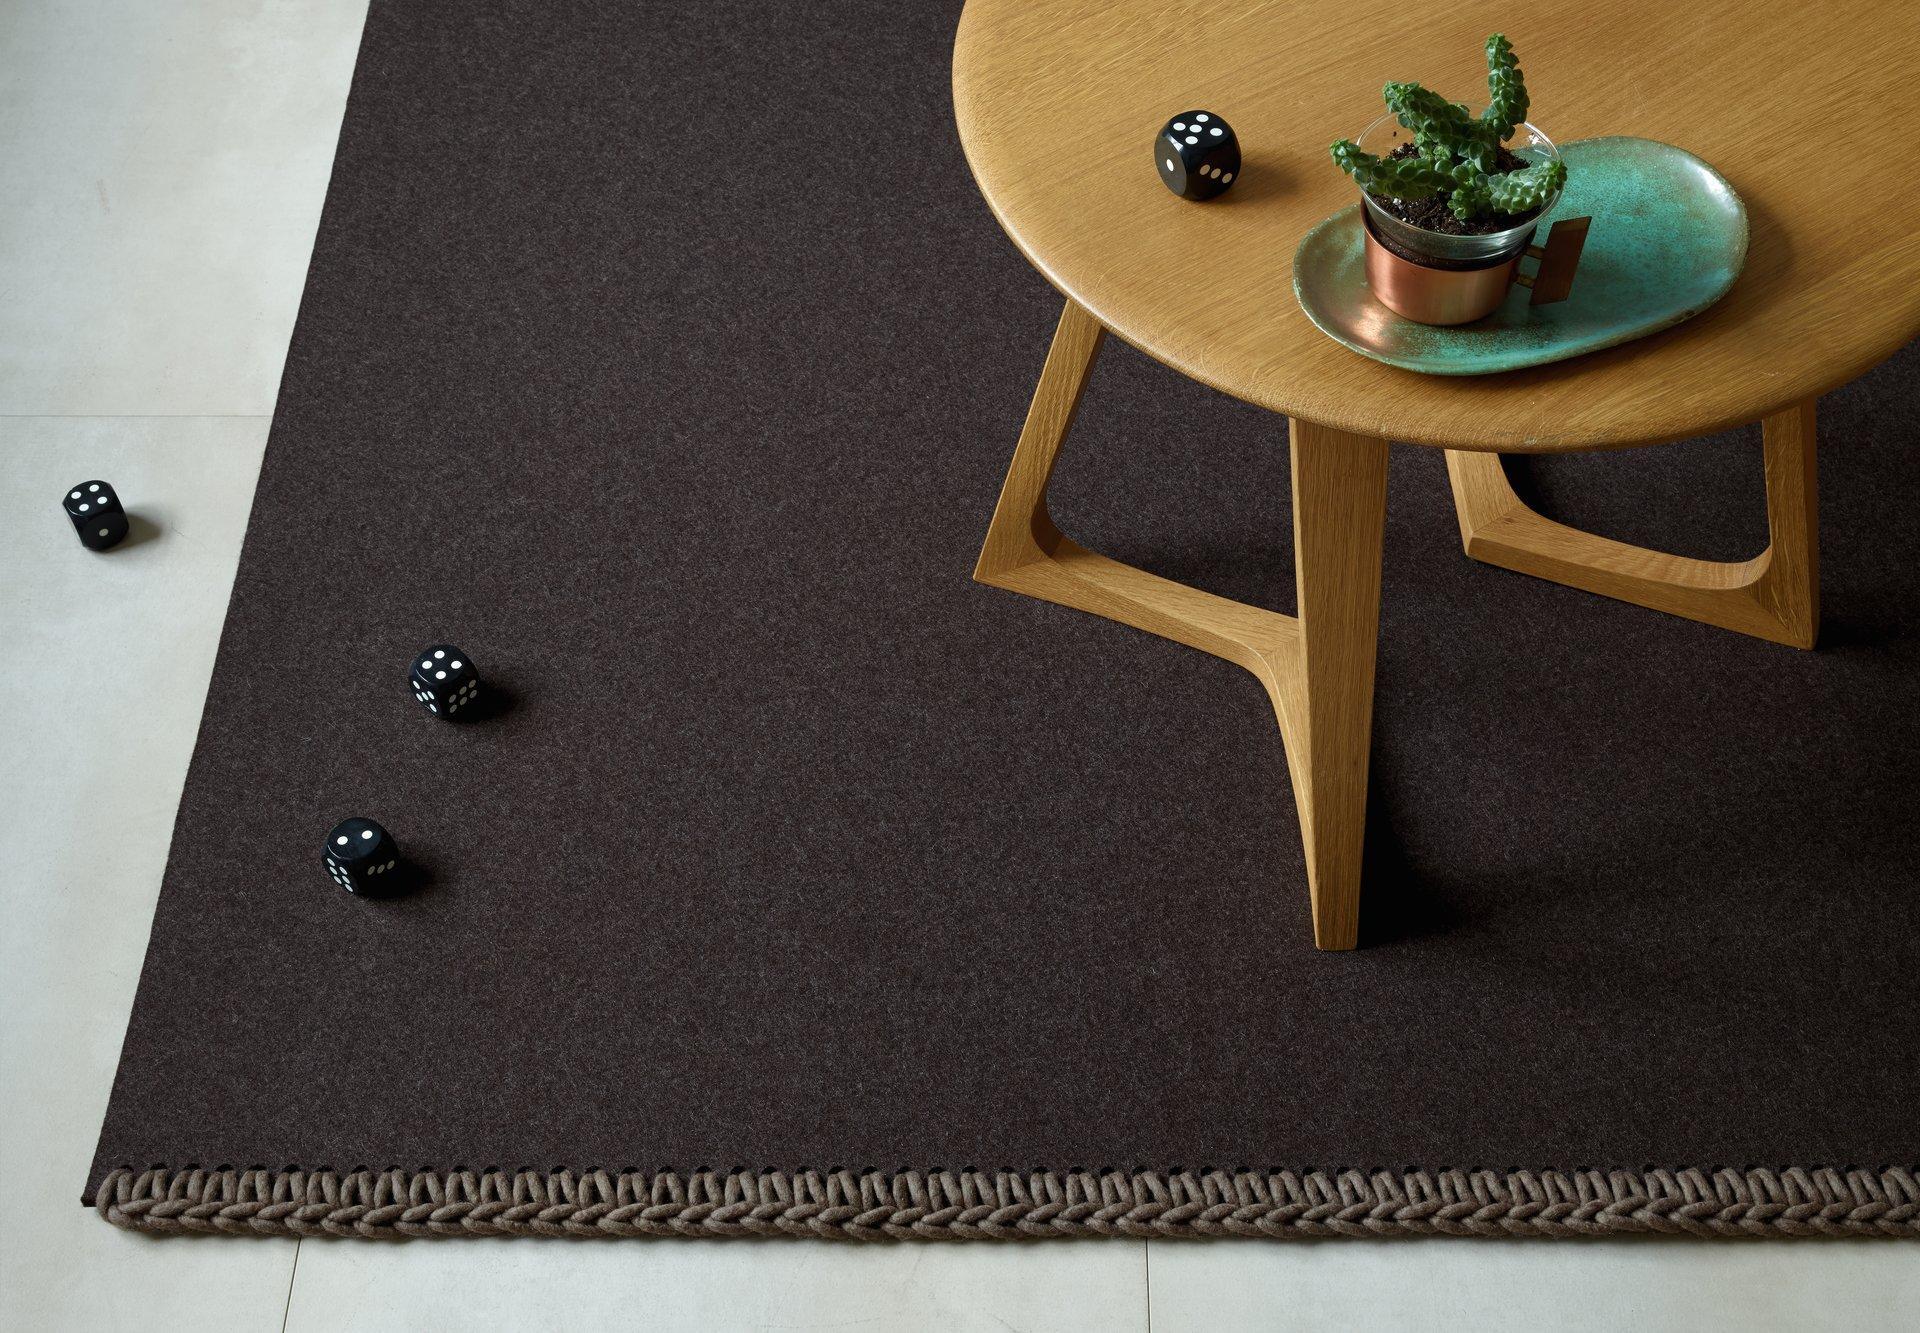 Natürlich Einrichten Mit Holz Und Filz #teppich ©JAB Flooring / Jab.de